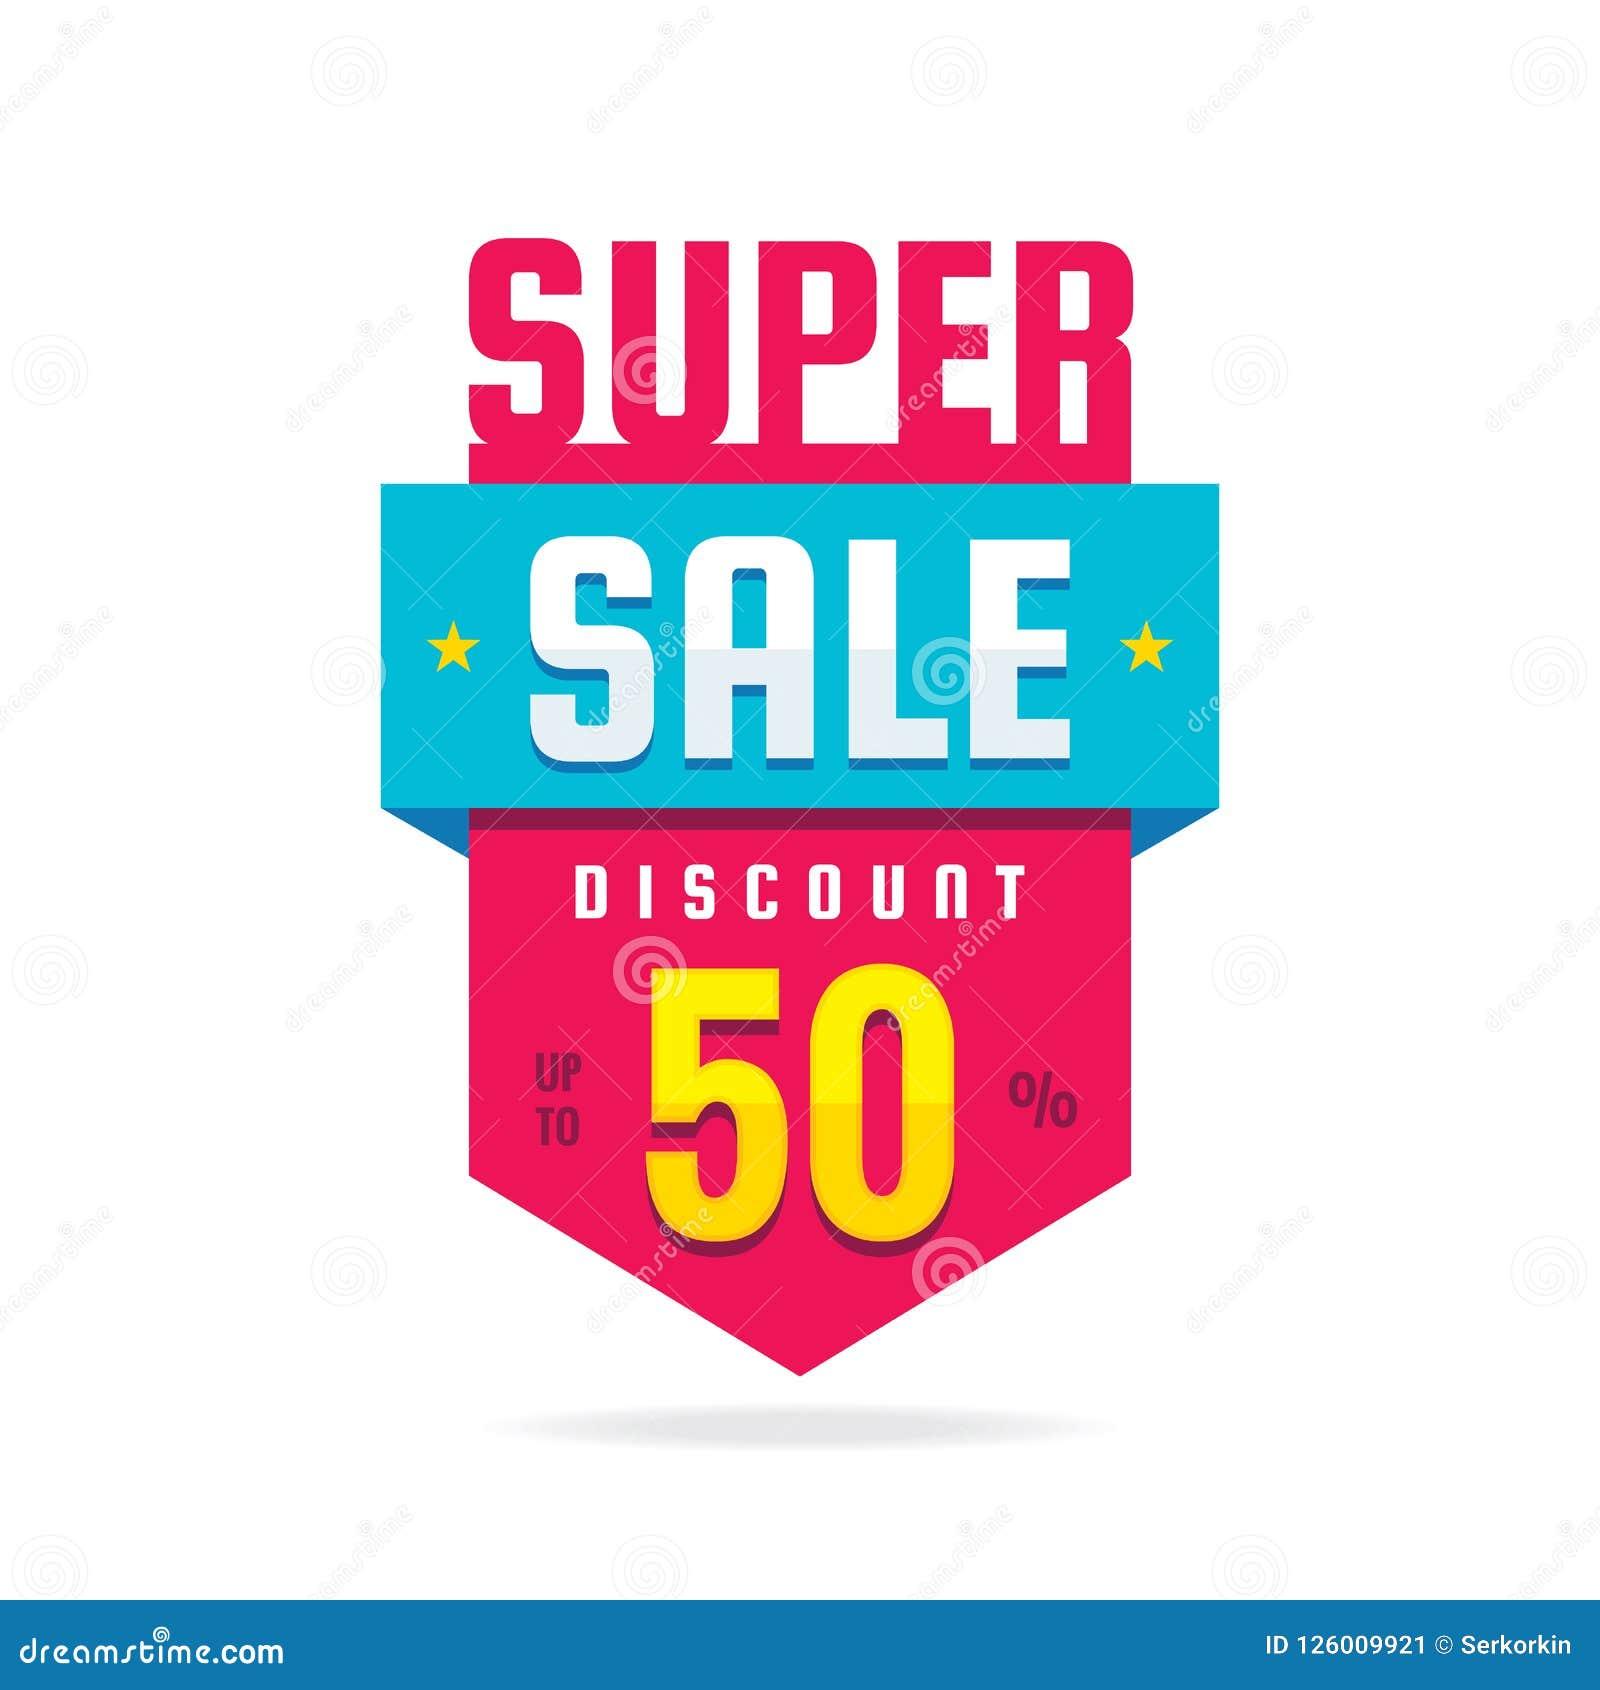 Super sprzedaż rabat do 50  - pojęcie sztandaru wektoru ilustracja Specjalnej oferty abstrakcjonistyczna pionowo odznaka Promocyj